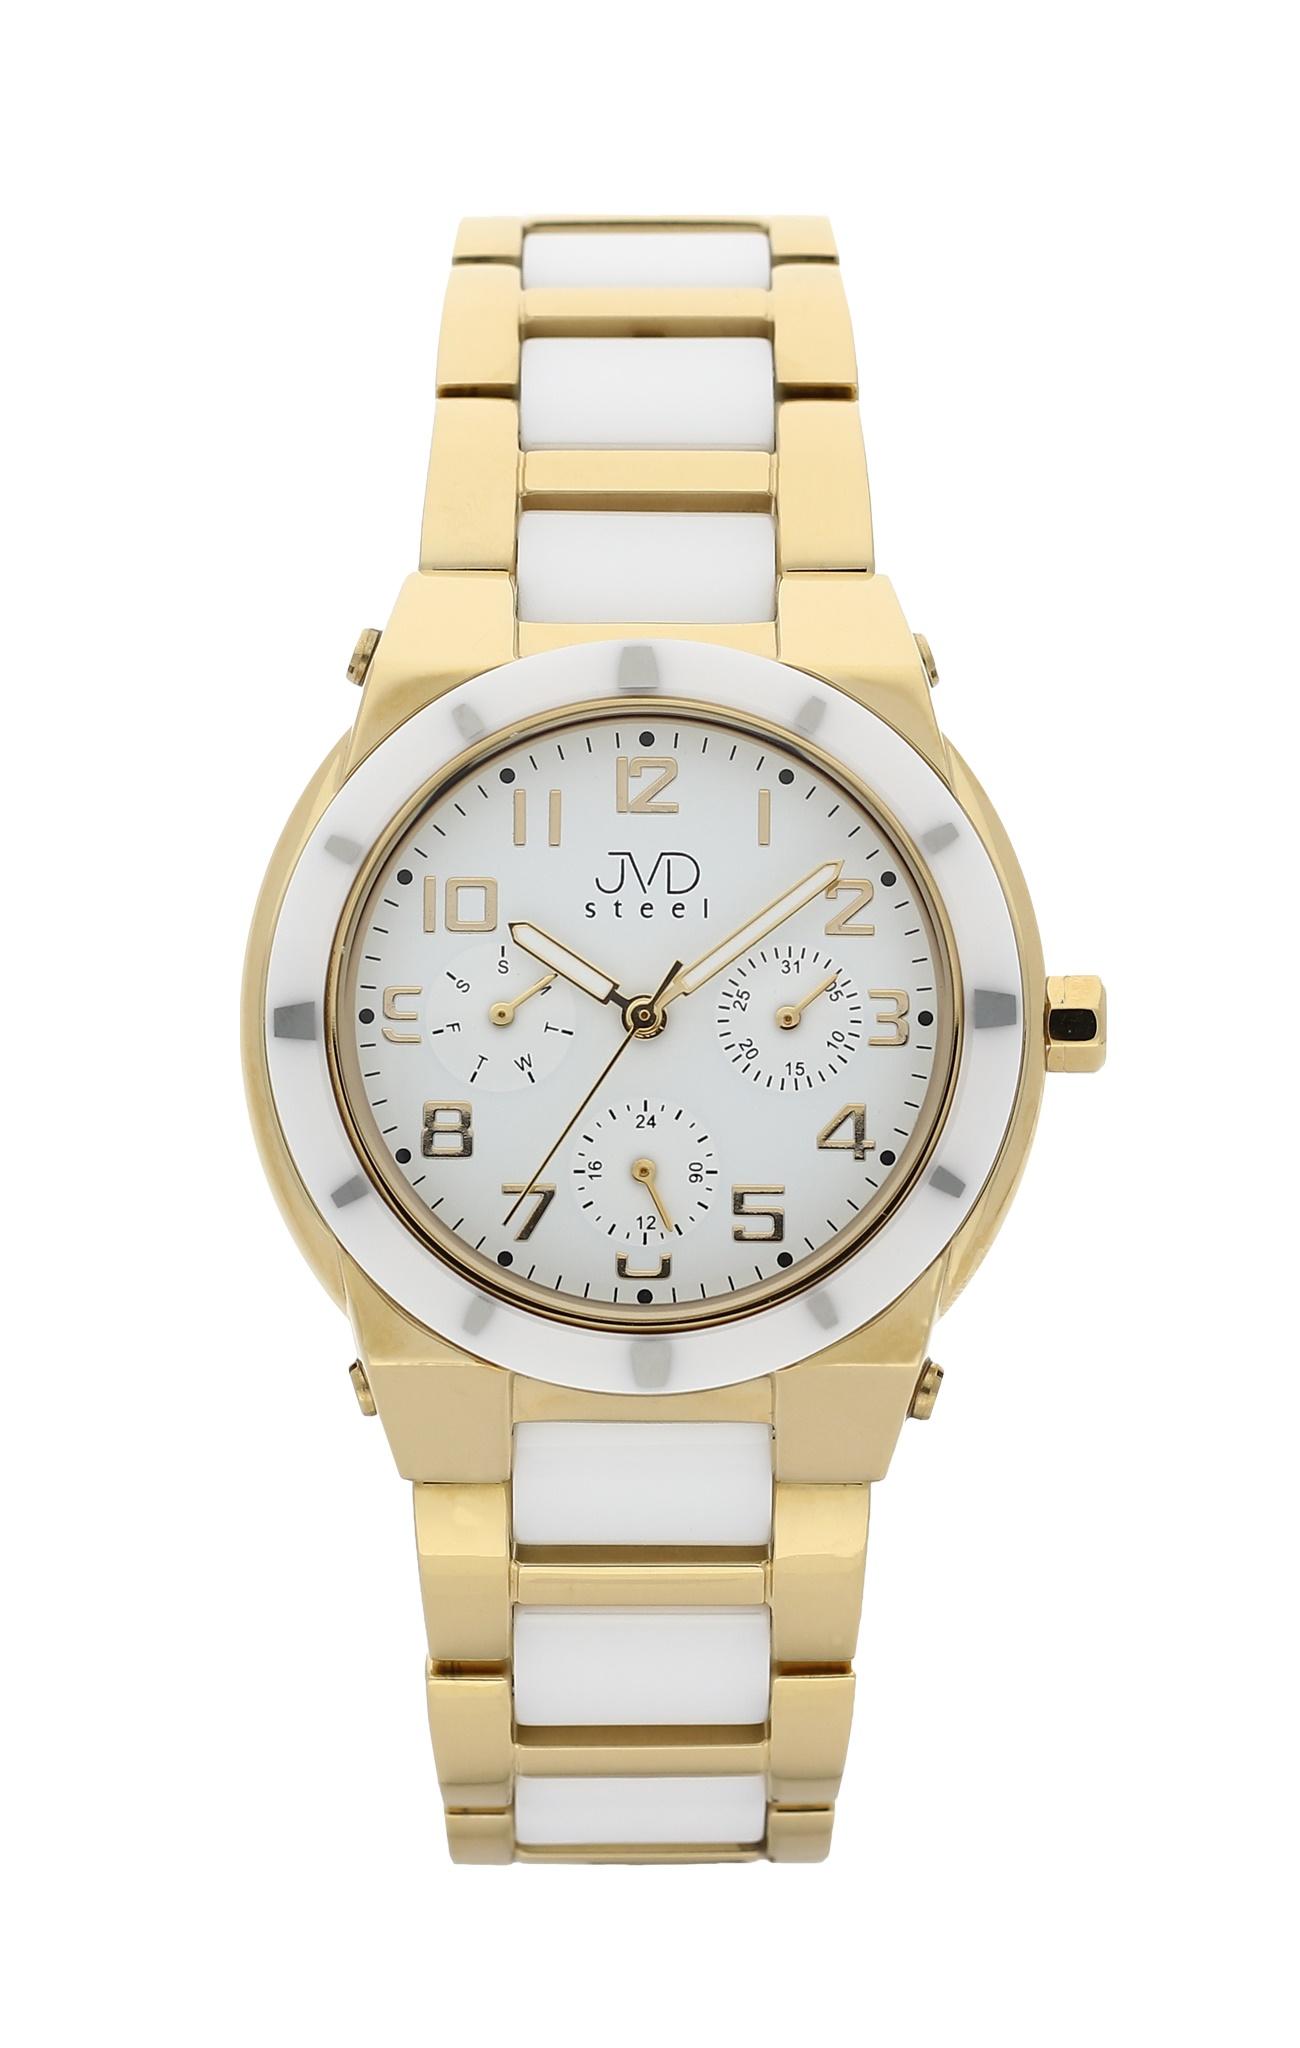 Dámský chronograf - keramické hodinky JVD steel J4131.3 s keramickou lunetou